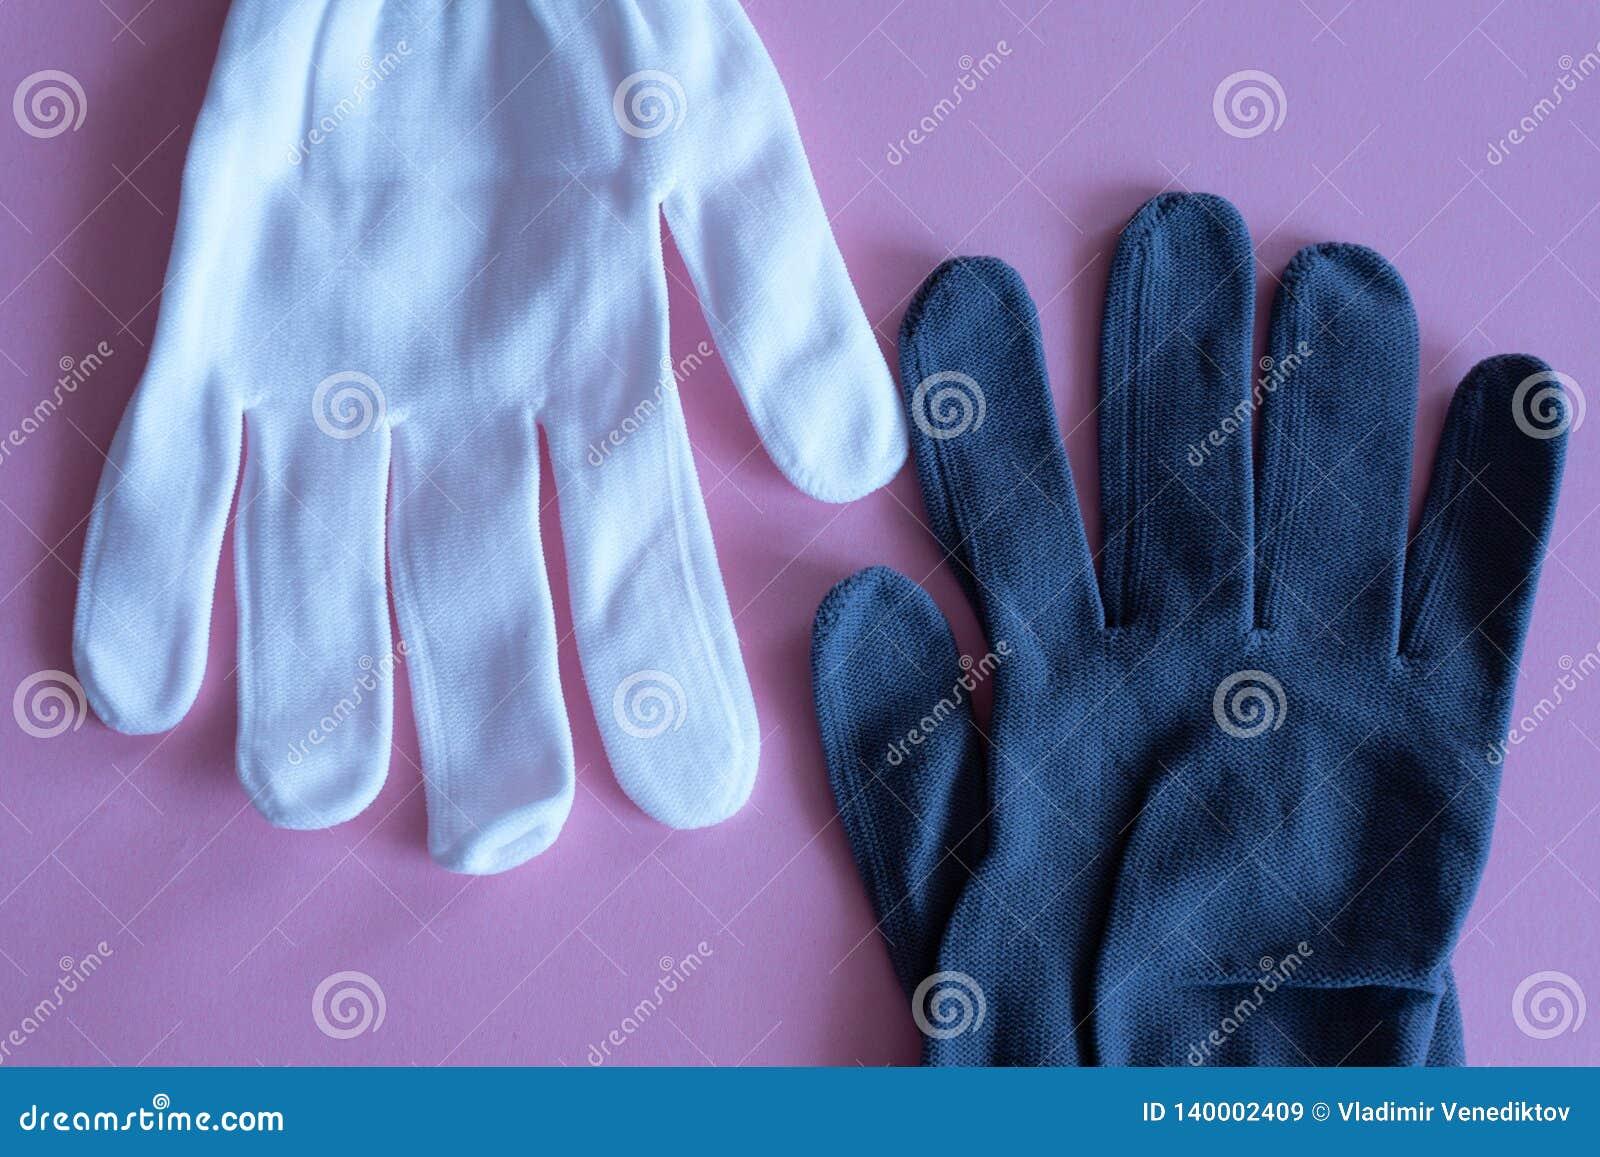 Weiße und schwarze Arbeitshandschuhe auf rosa Hintergrund Overall und Uniformen Handschutz